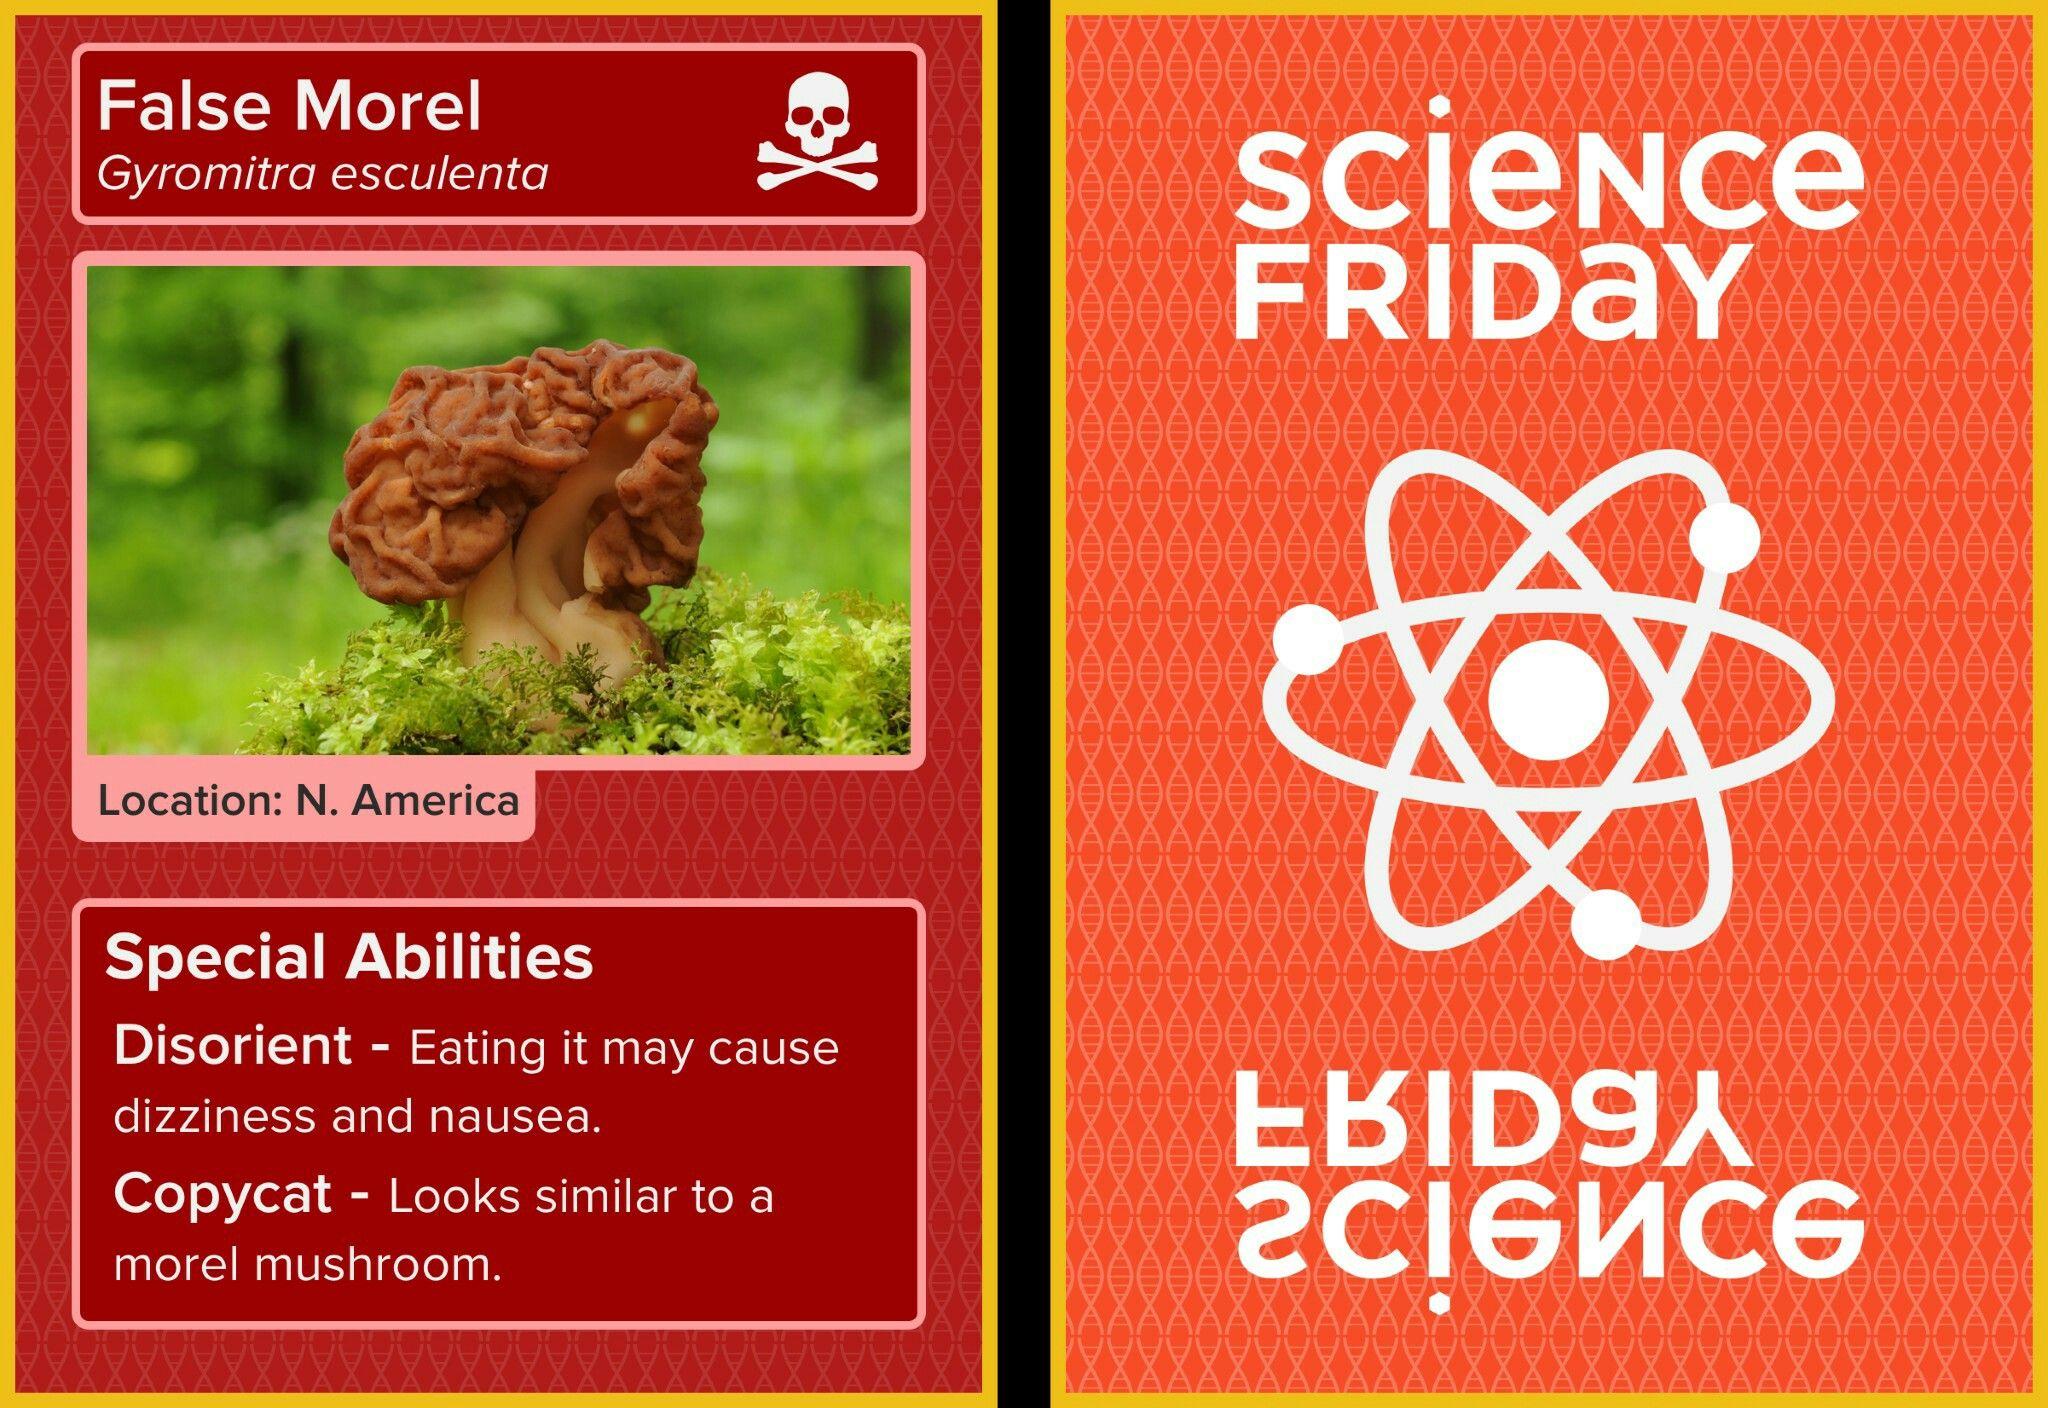 False morel mushroom trading card. Science Friday.